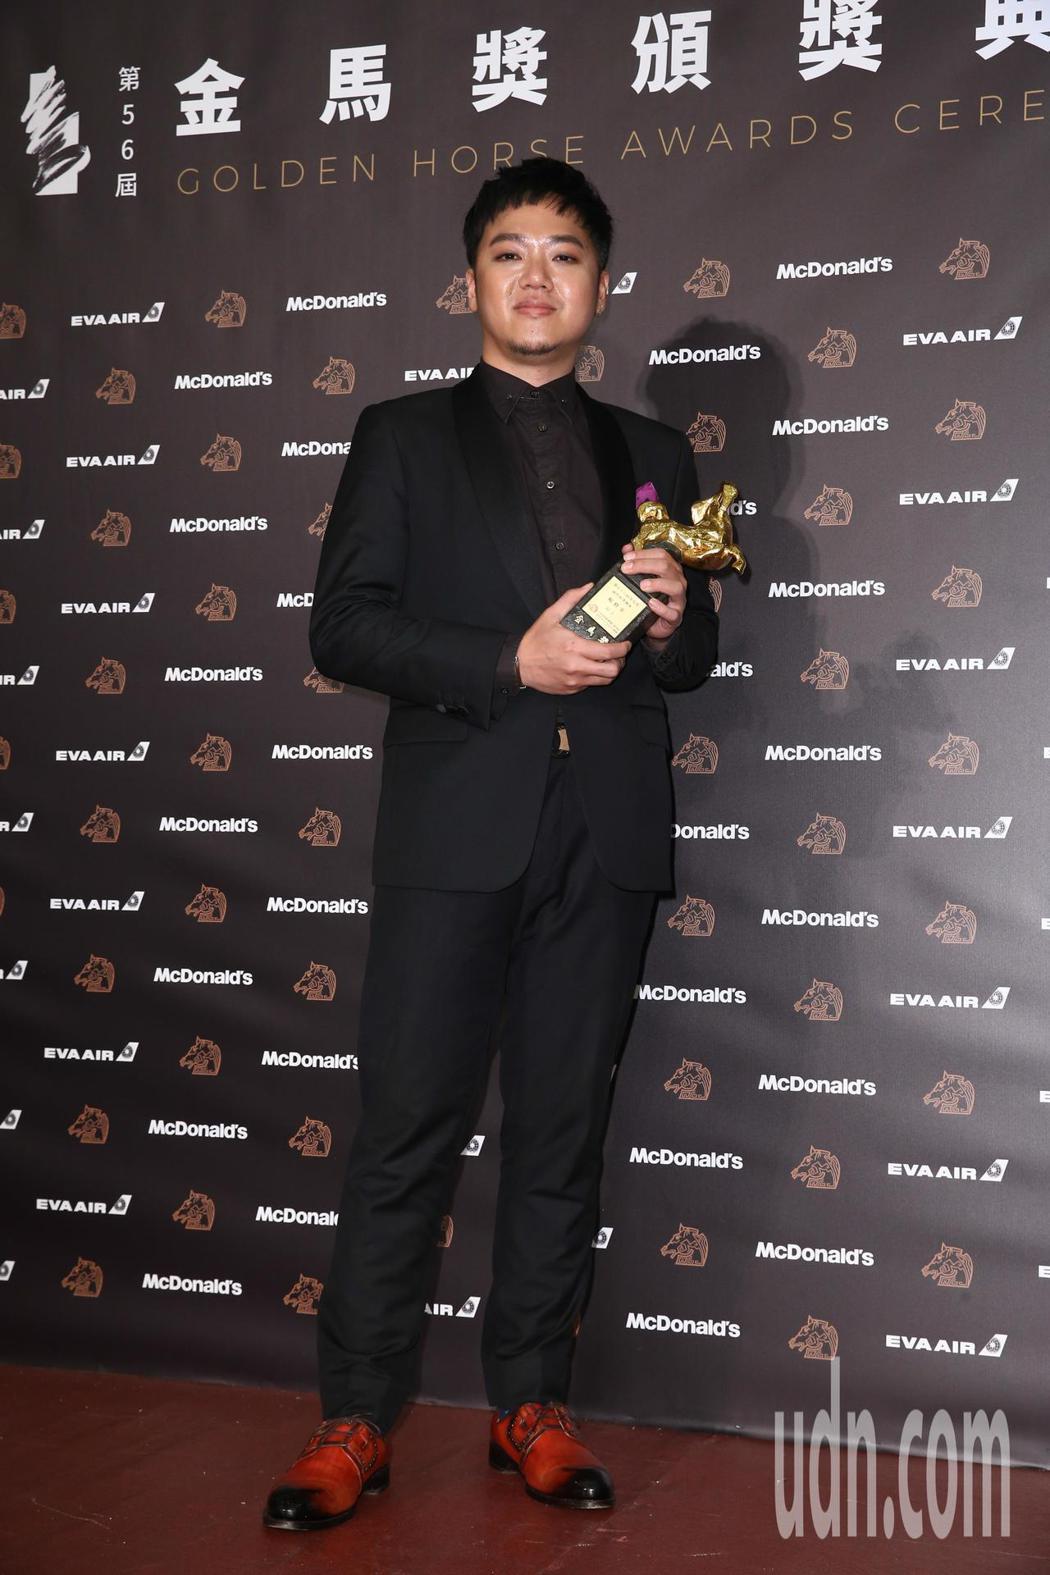 第56屆金馬獎頒獎典禮,「幻土」楊修華獲最佳原著劇本獎。記者曾原信/攝影